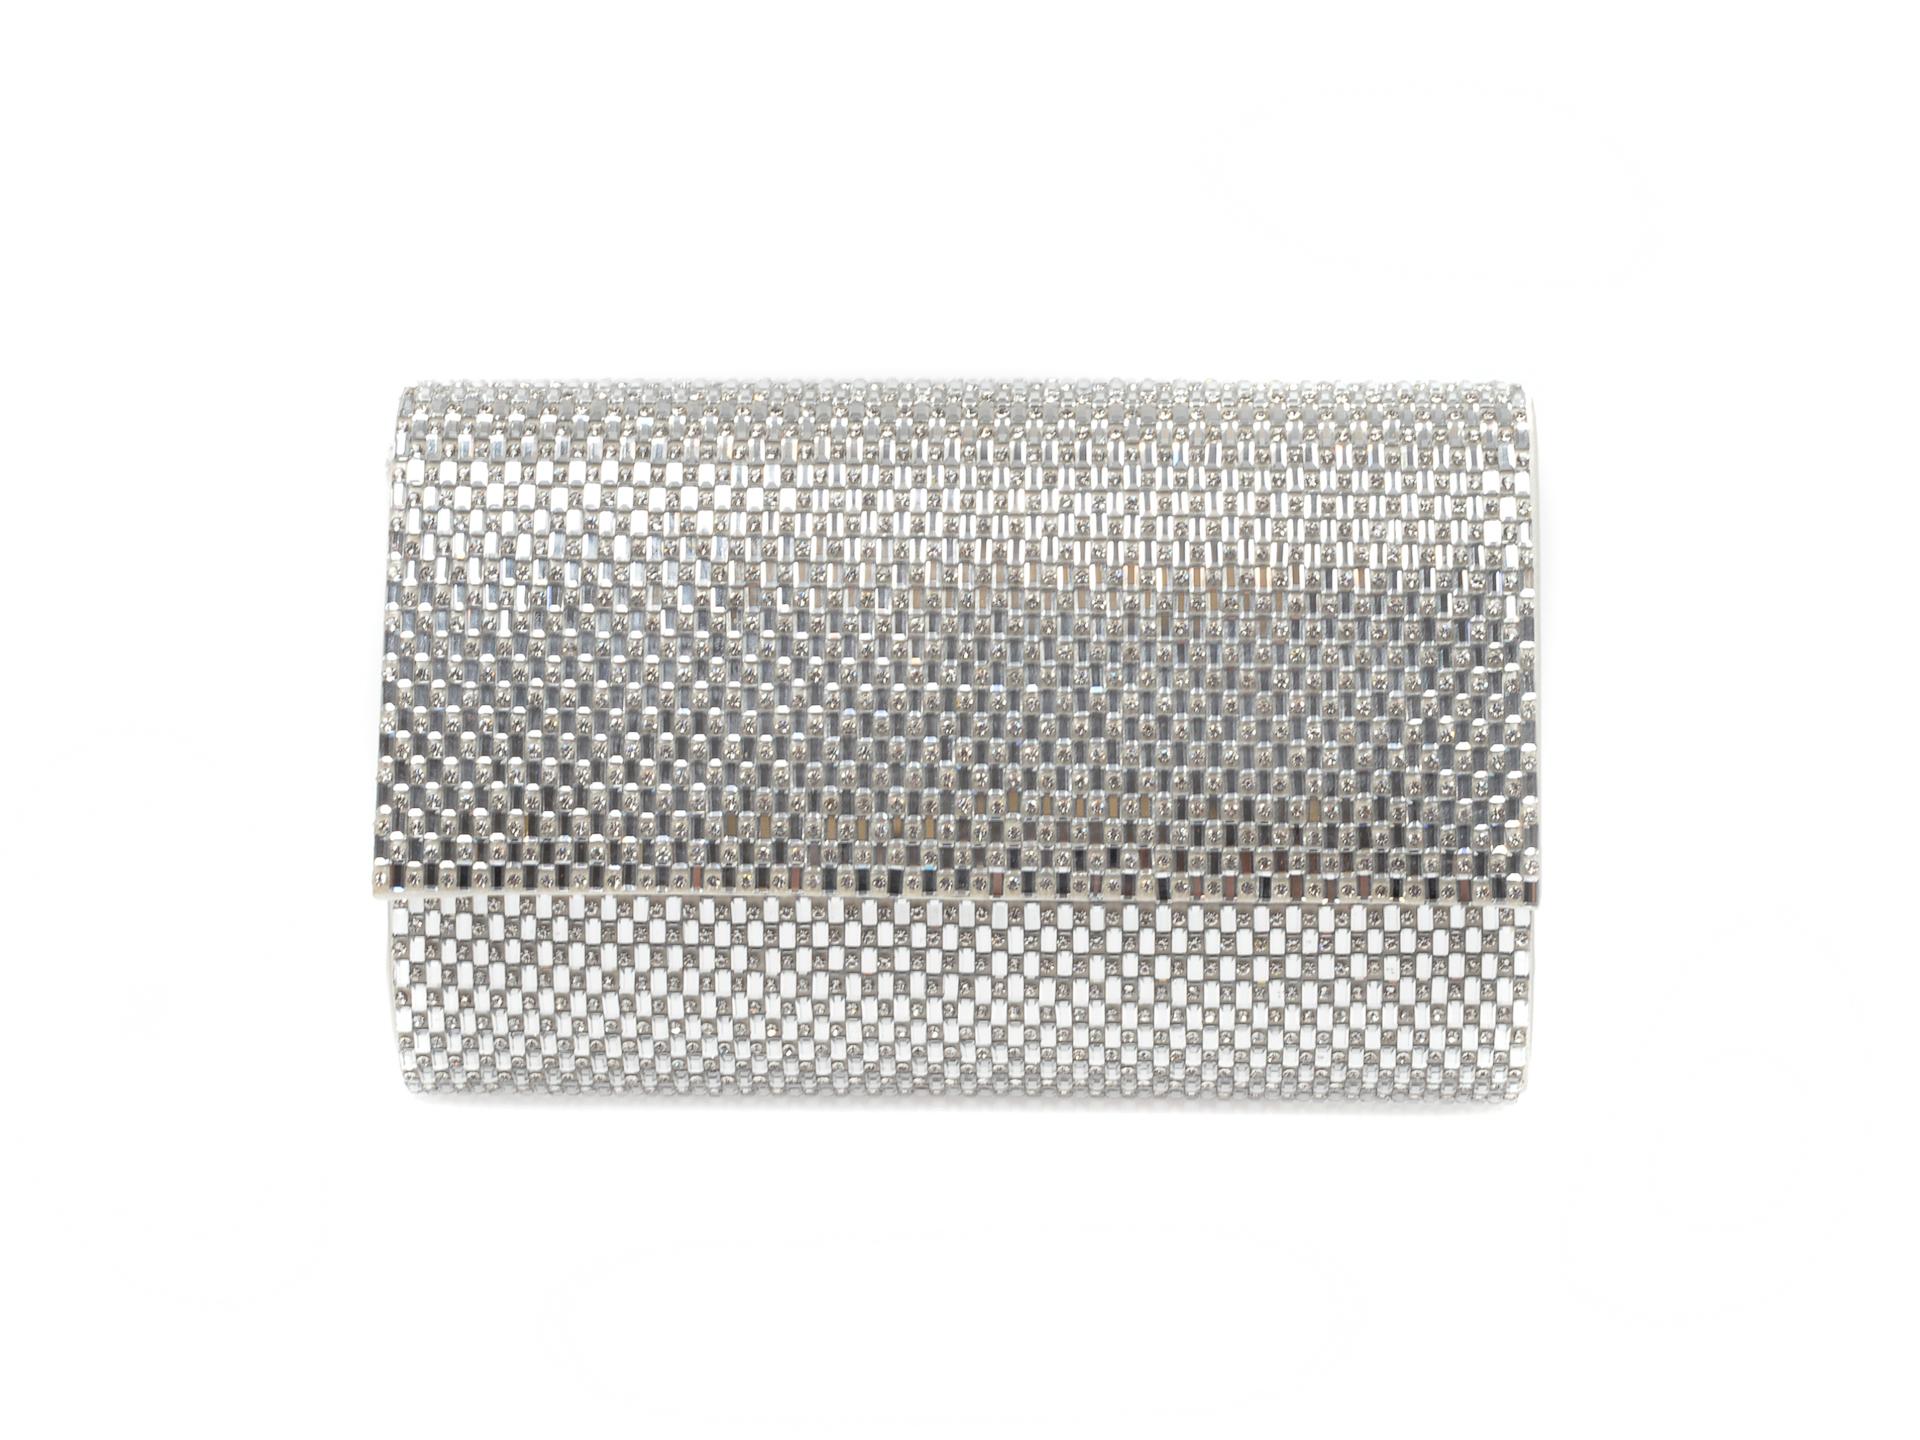 Poseta ALDO argintie, Peleaga040, din material textil New